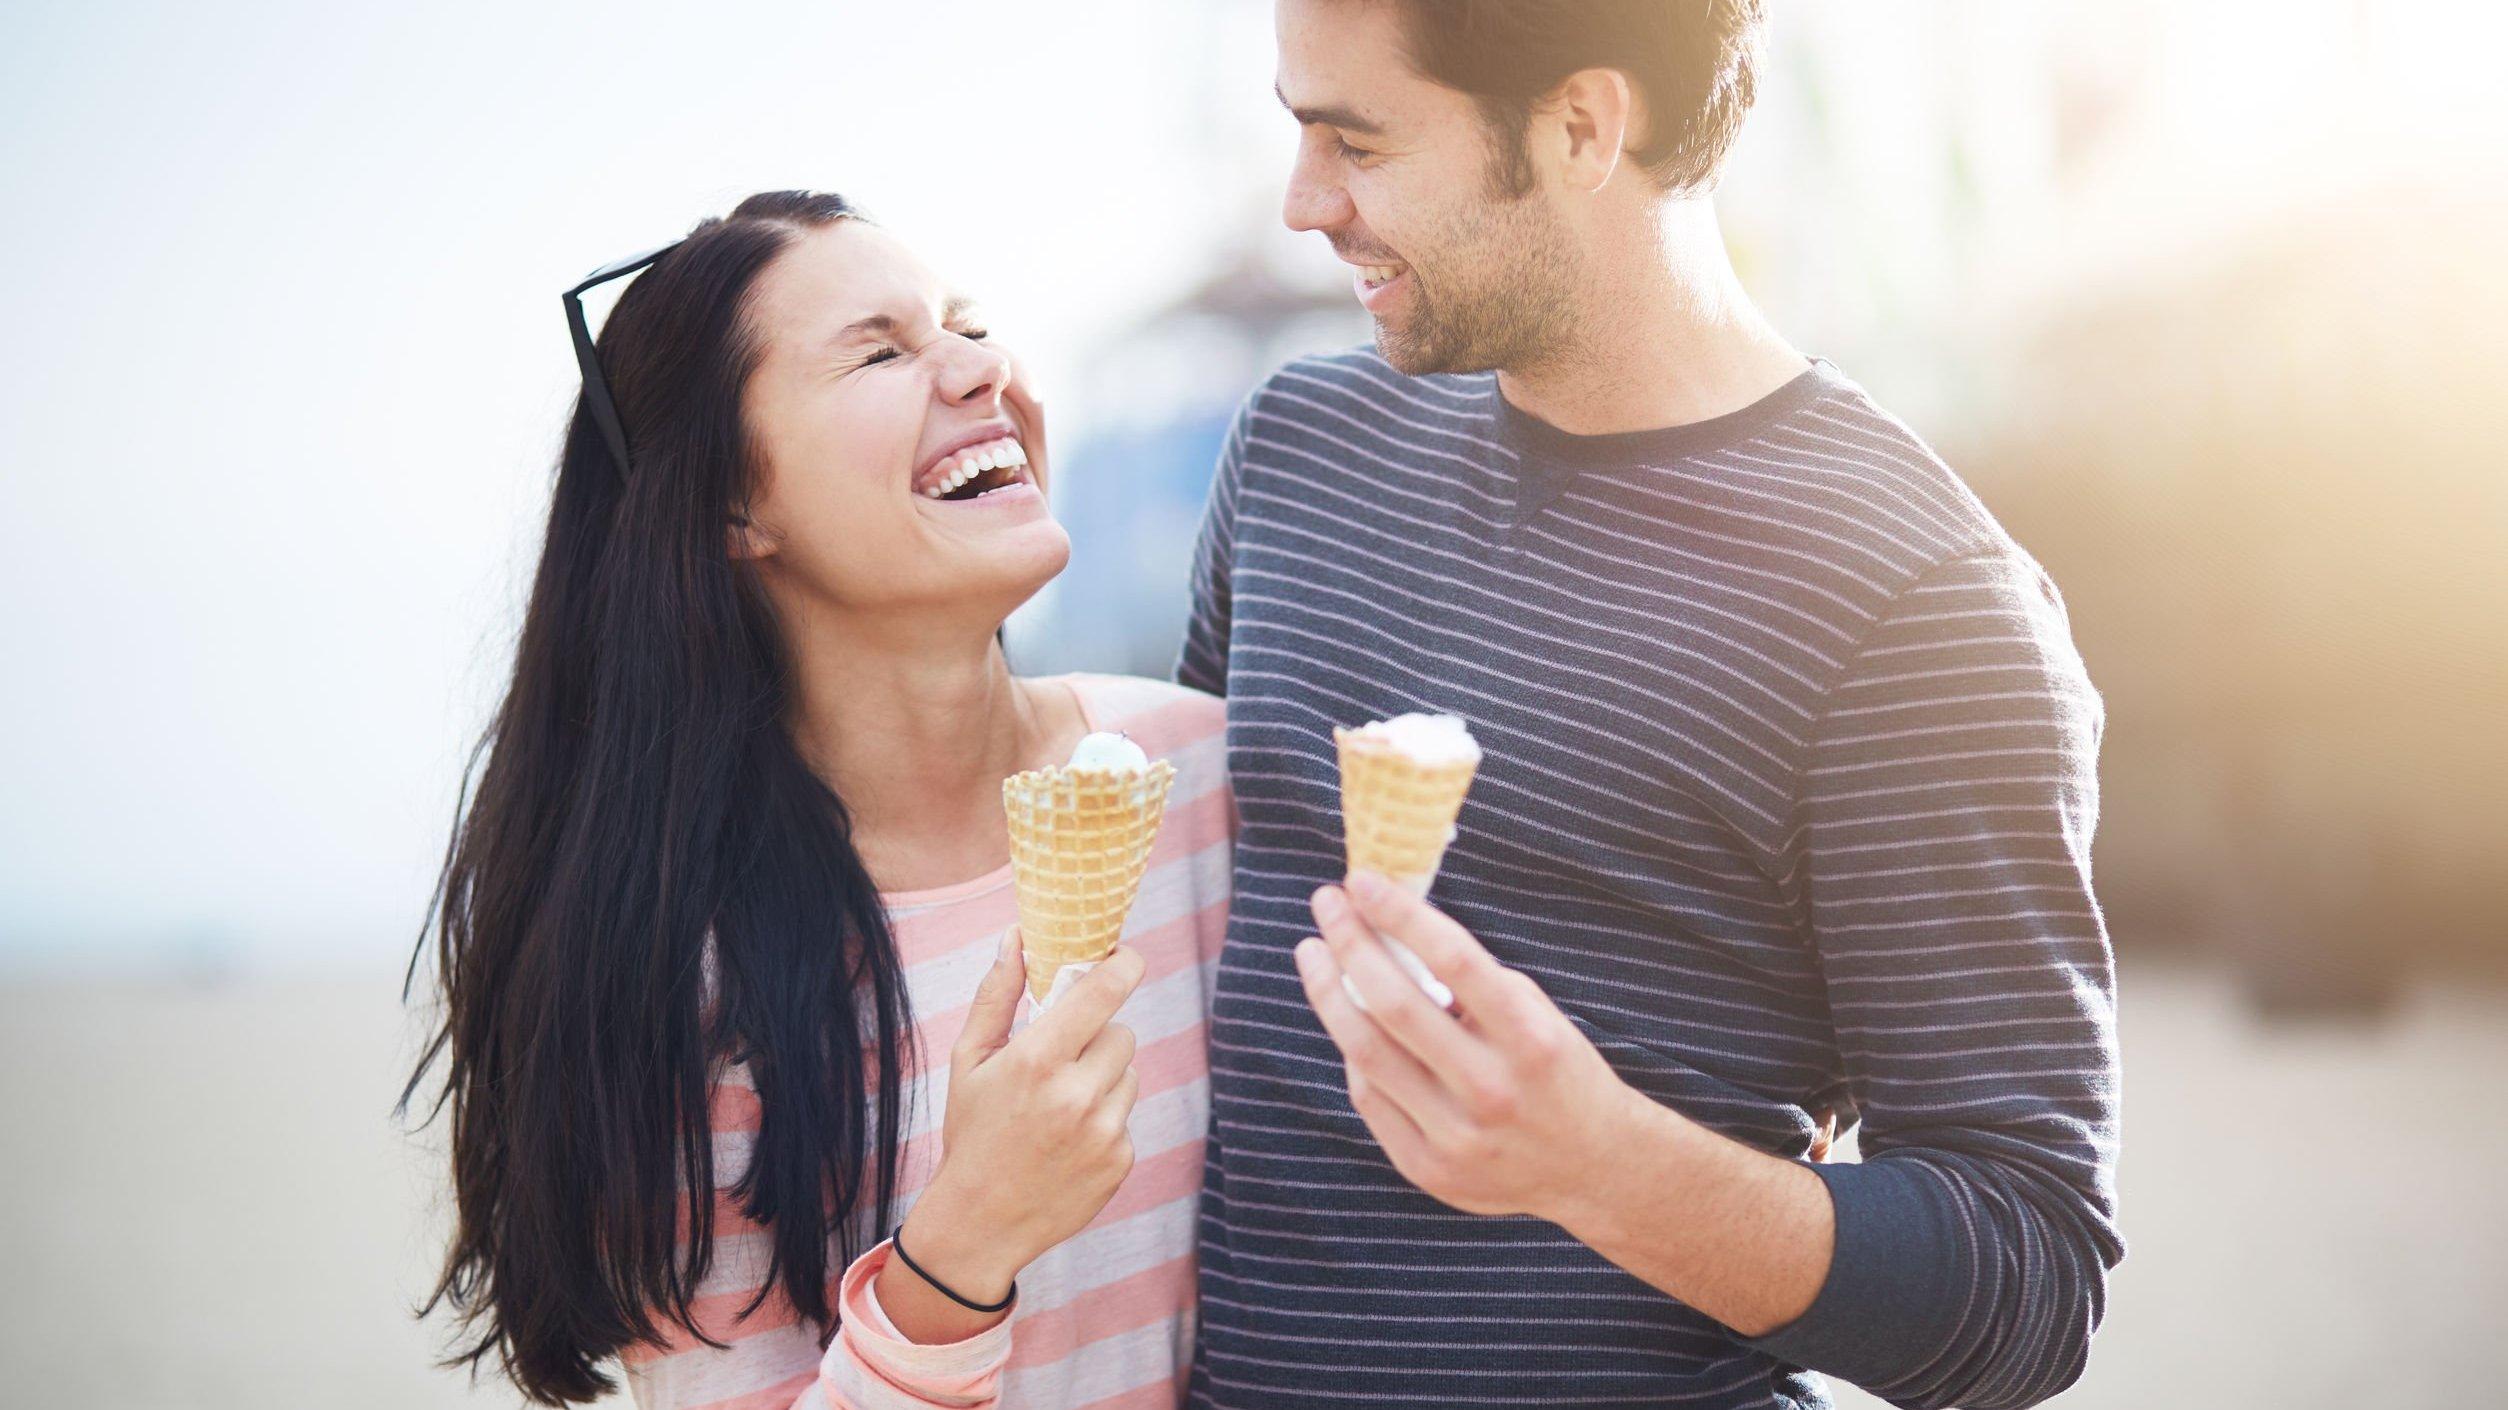 Homem e mulher comendo sorvete e sorrindo